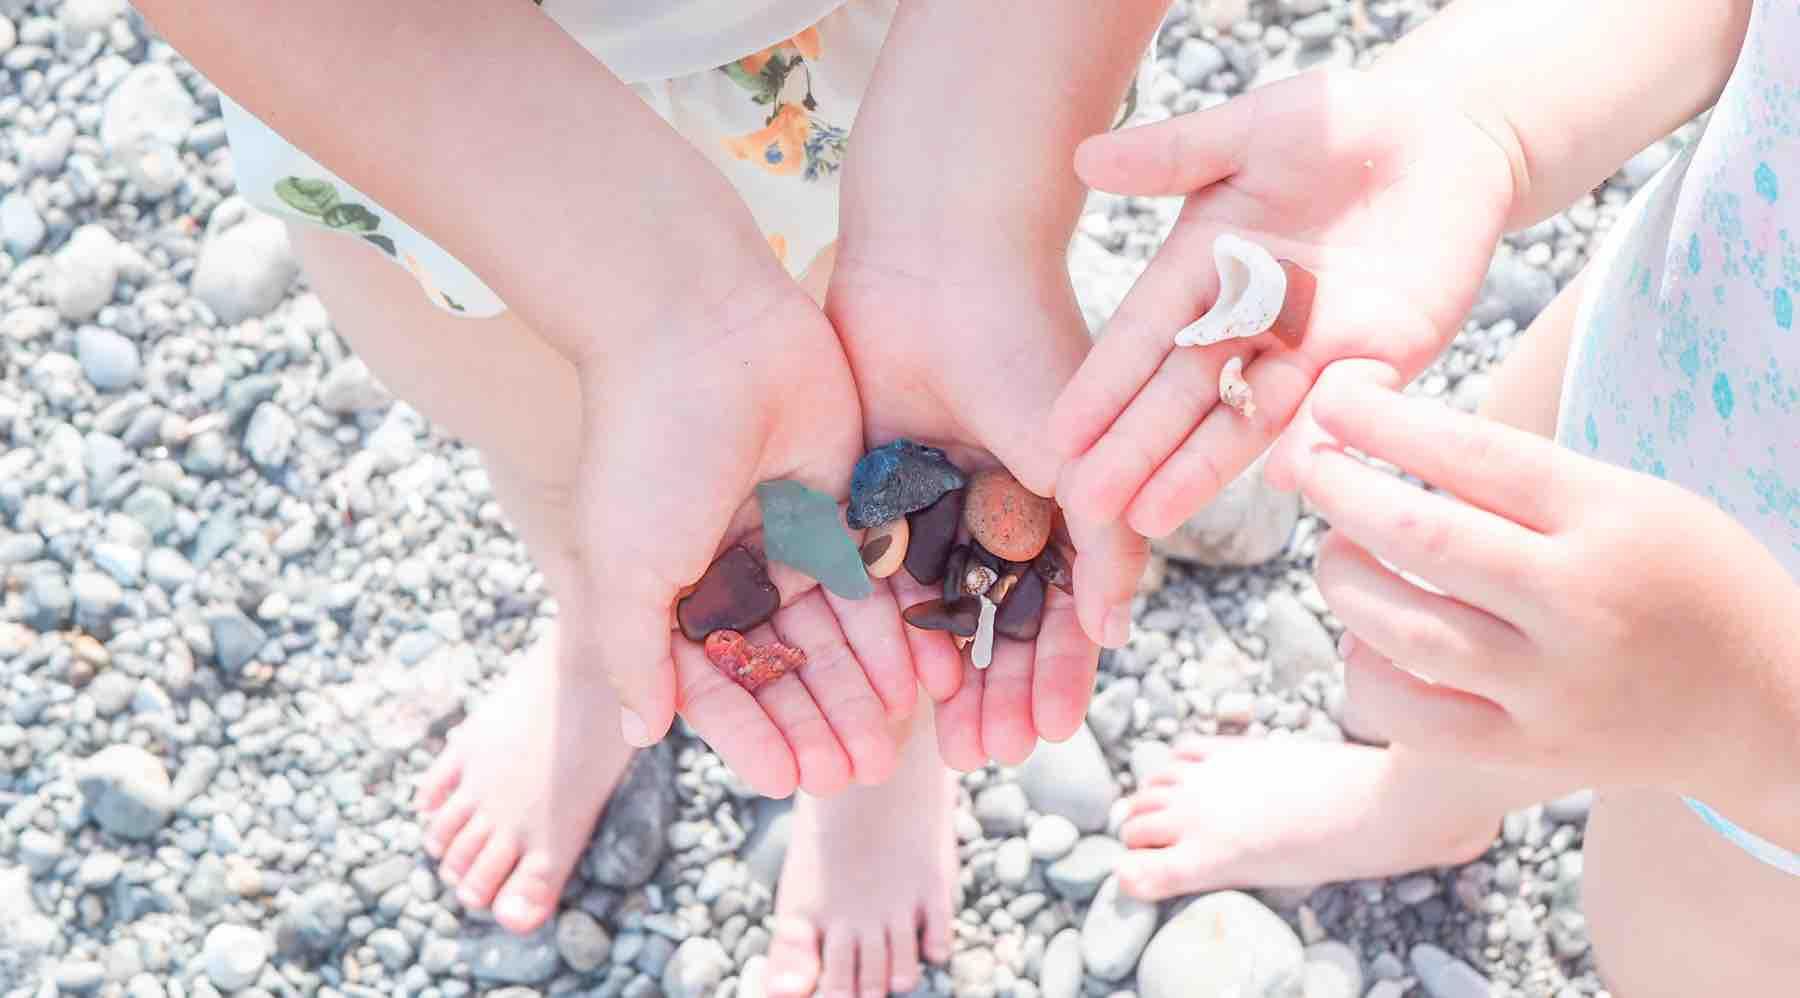 海岸で見つけた貝殻と石